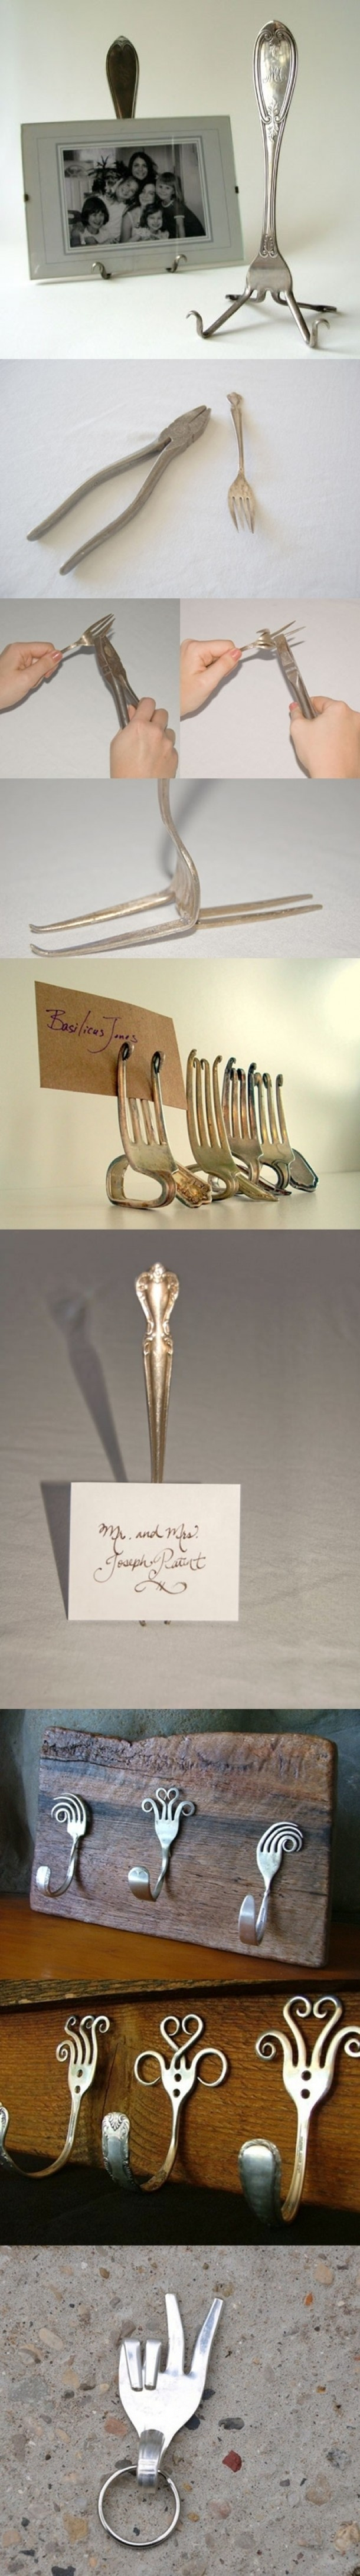 knutselen lente | creatief met een vork Door dds